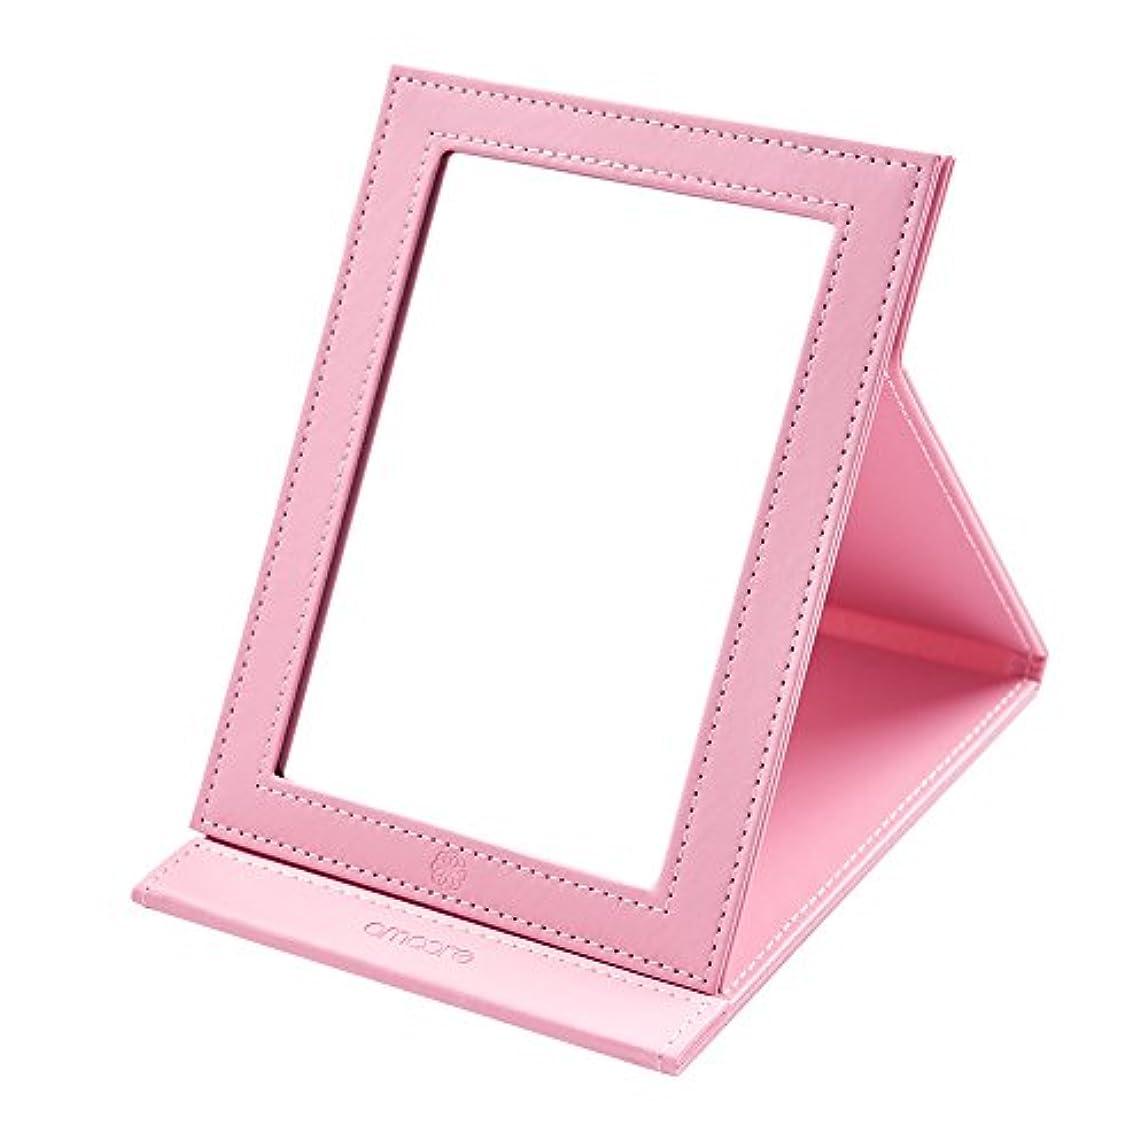 先祖ハブブ写真撮影amoore 化粧鏡 卓上スタンドミラー 折りたたみミラー 角度調整 上質PUレザー使用 (ビッグ, ピンク)